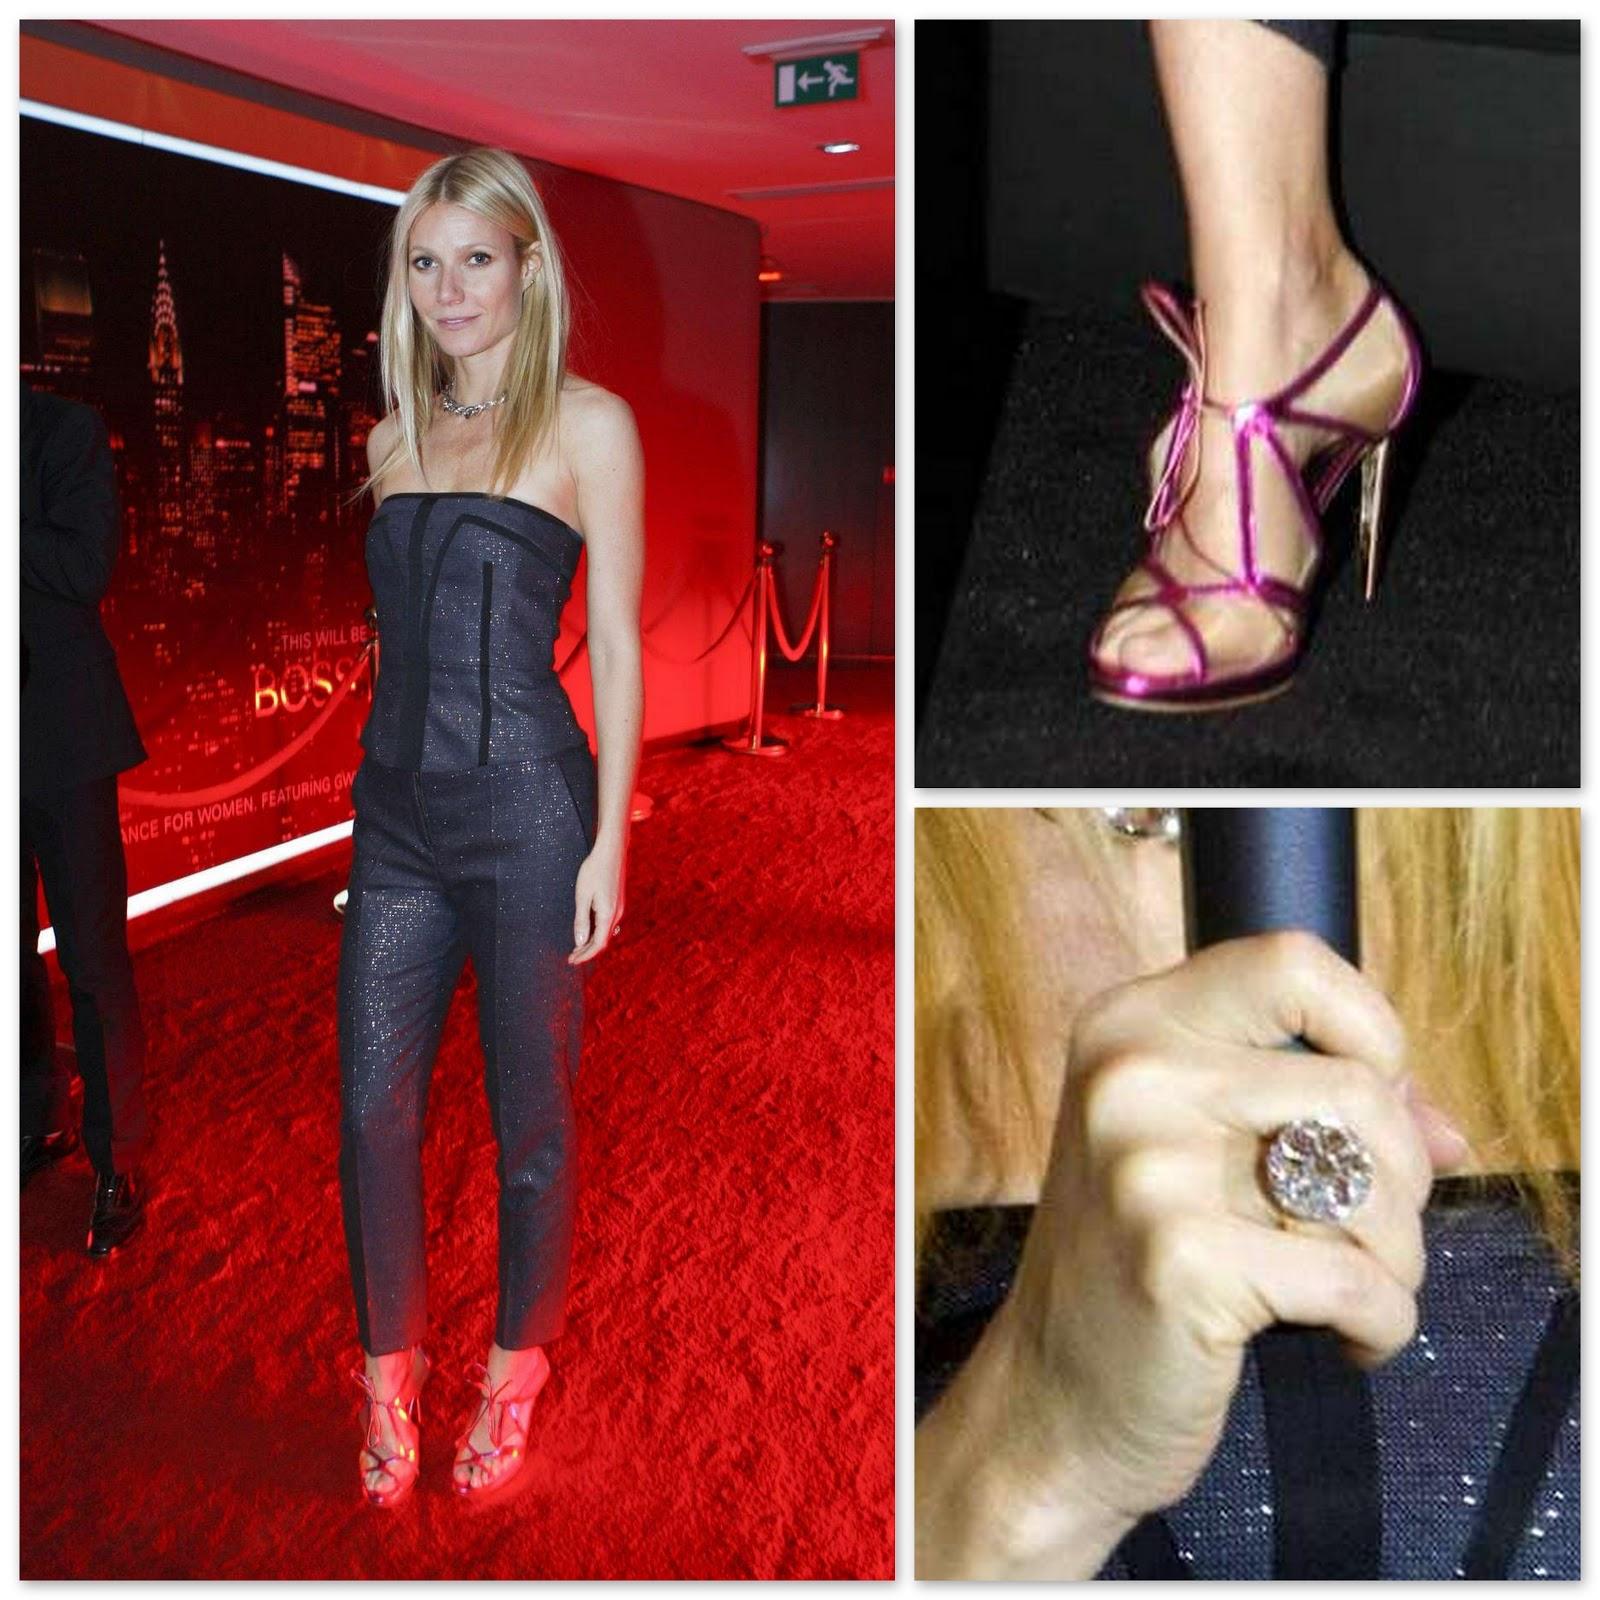 http://3.bp.blogspot.com/-5YF9G6ociSg/UMLUkrumzyI/AAAAAAAAJjg/mP80xtZVxSI/s1600/best+dressed2.jpg